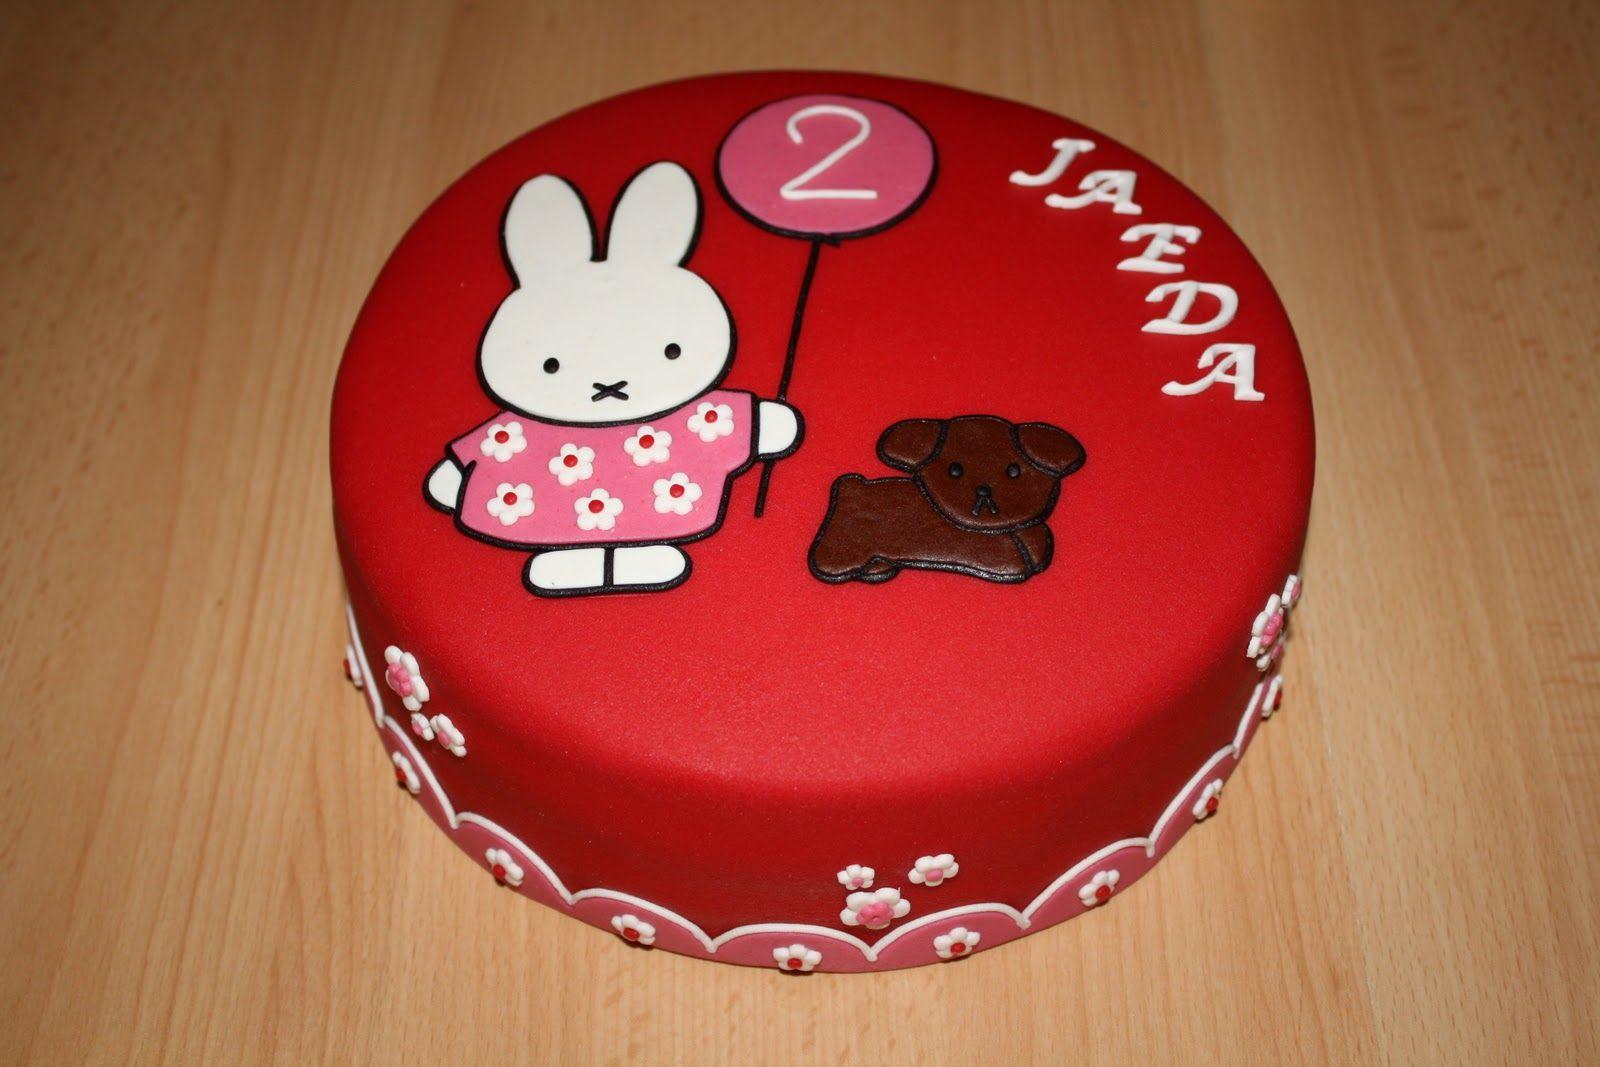 nijntje taart maken schilderspalet taart   Google zoeken | kukiiizz | Pinterest nijntje taart maken